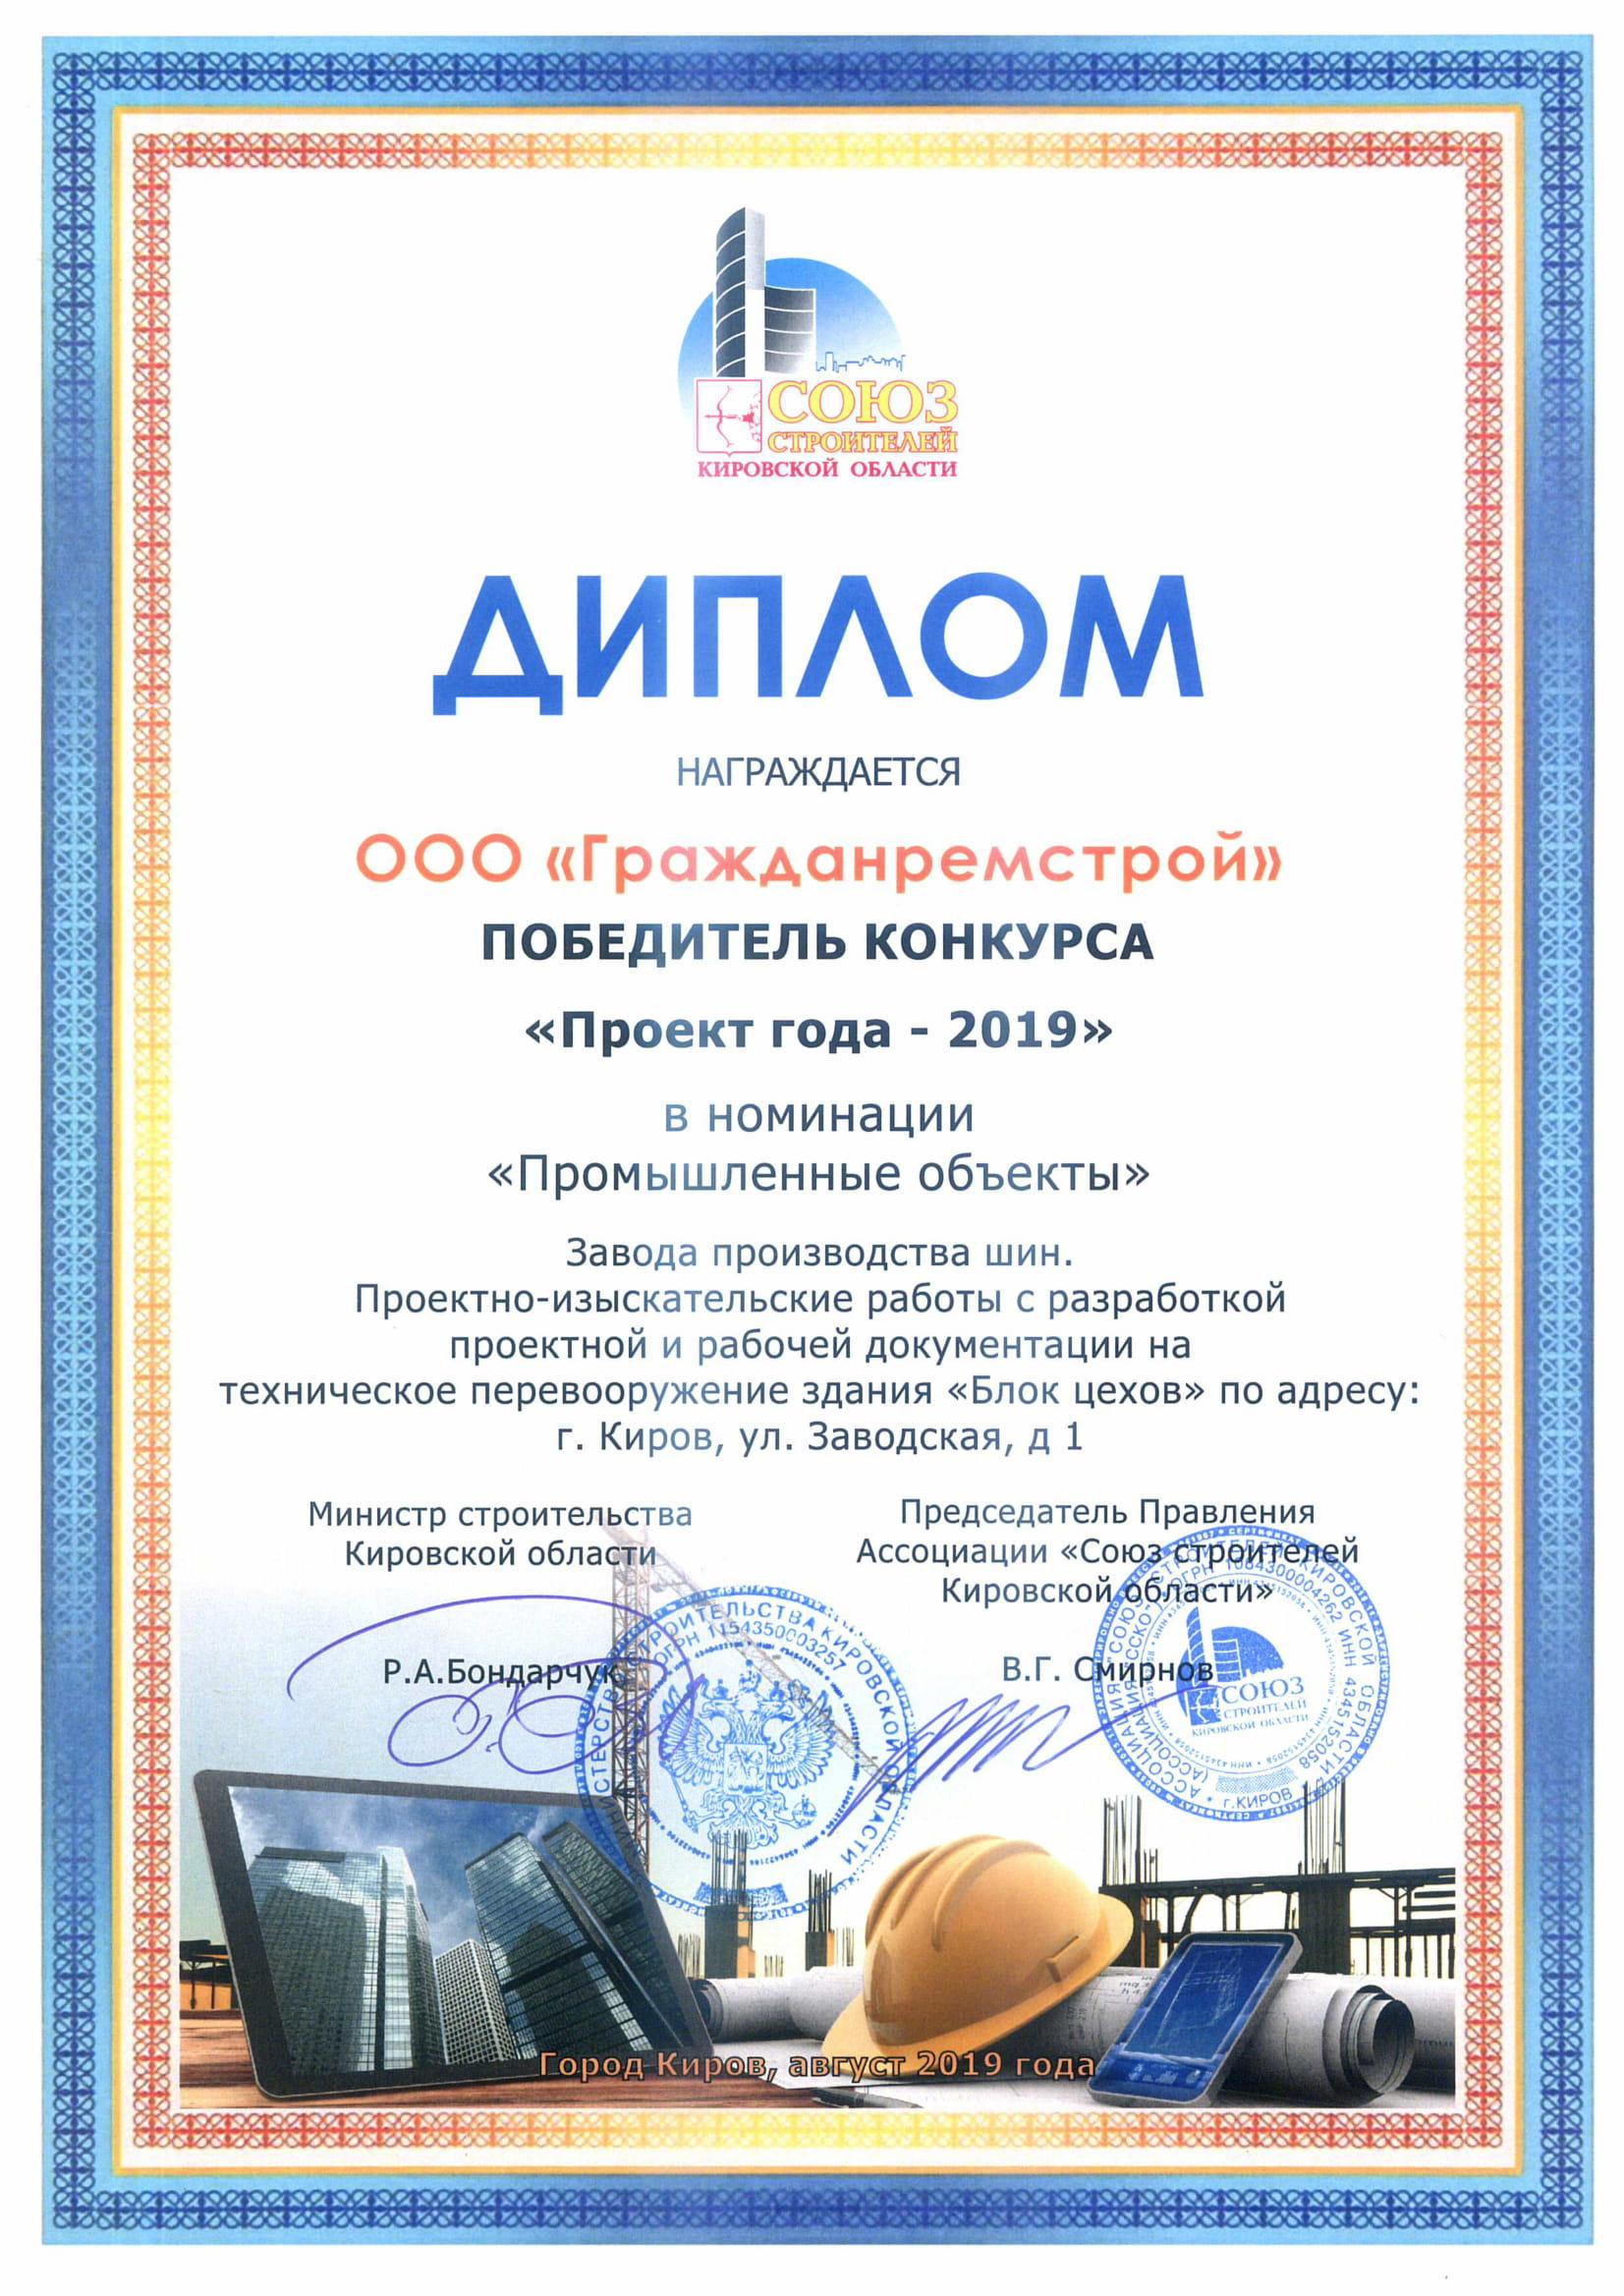 Проект года КШЗ (Ассоциация), диплом (ГРС)